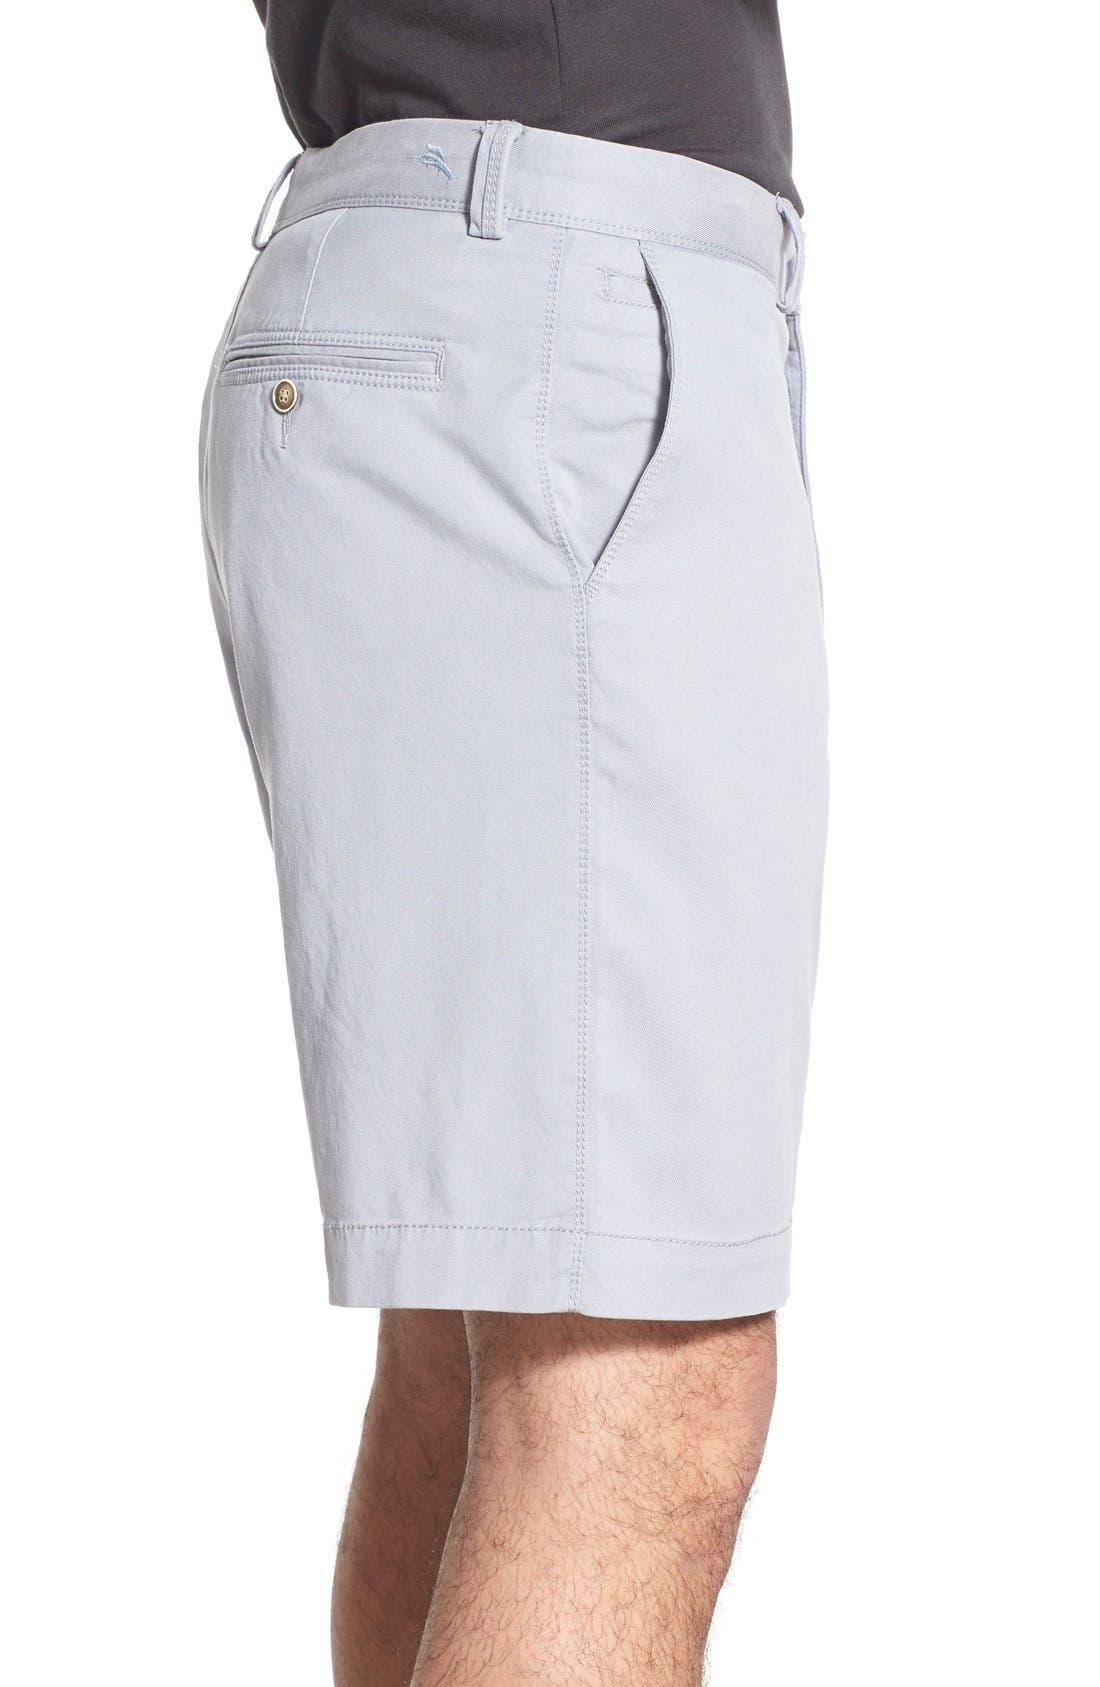 Alternate Image 3  - Tommy Bahama 'Ashore Thing' Flat Front Shorts